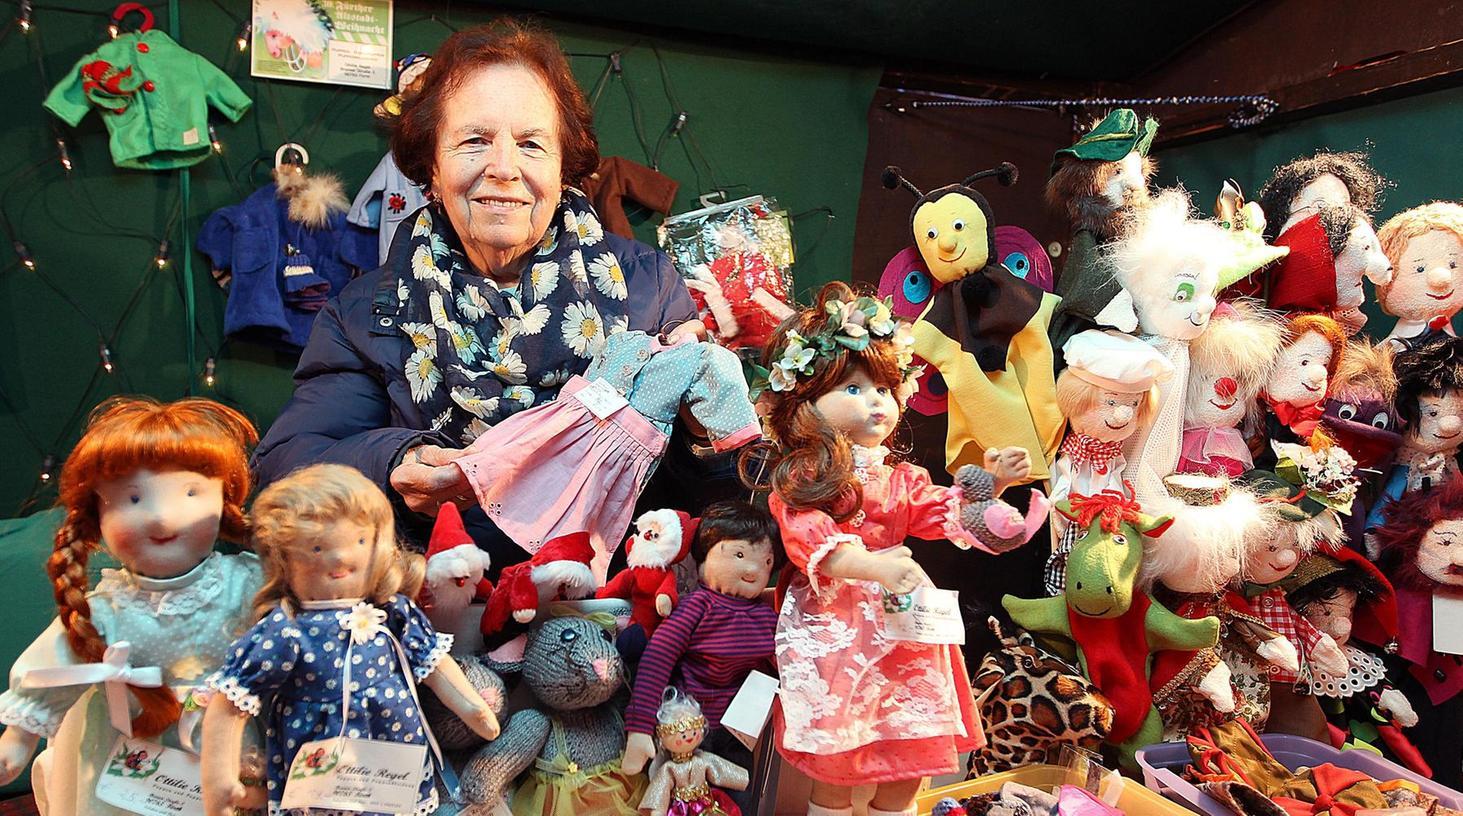 Inmitten ihrer Handarbeiten sitzt Ottilie Regel auf der Altstadtweihnacht und freut sich, wenn sie Kunden beim Einkleiden der Puppen helfen kann. Foto: Ralf Rödel